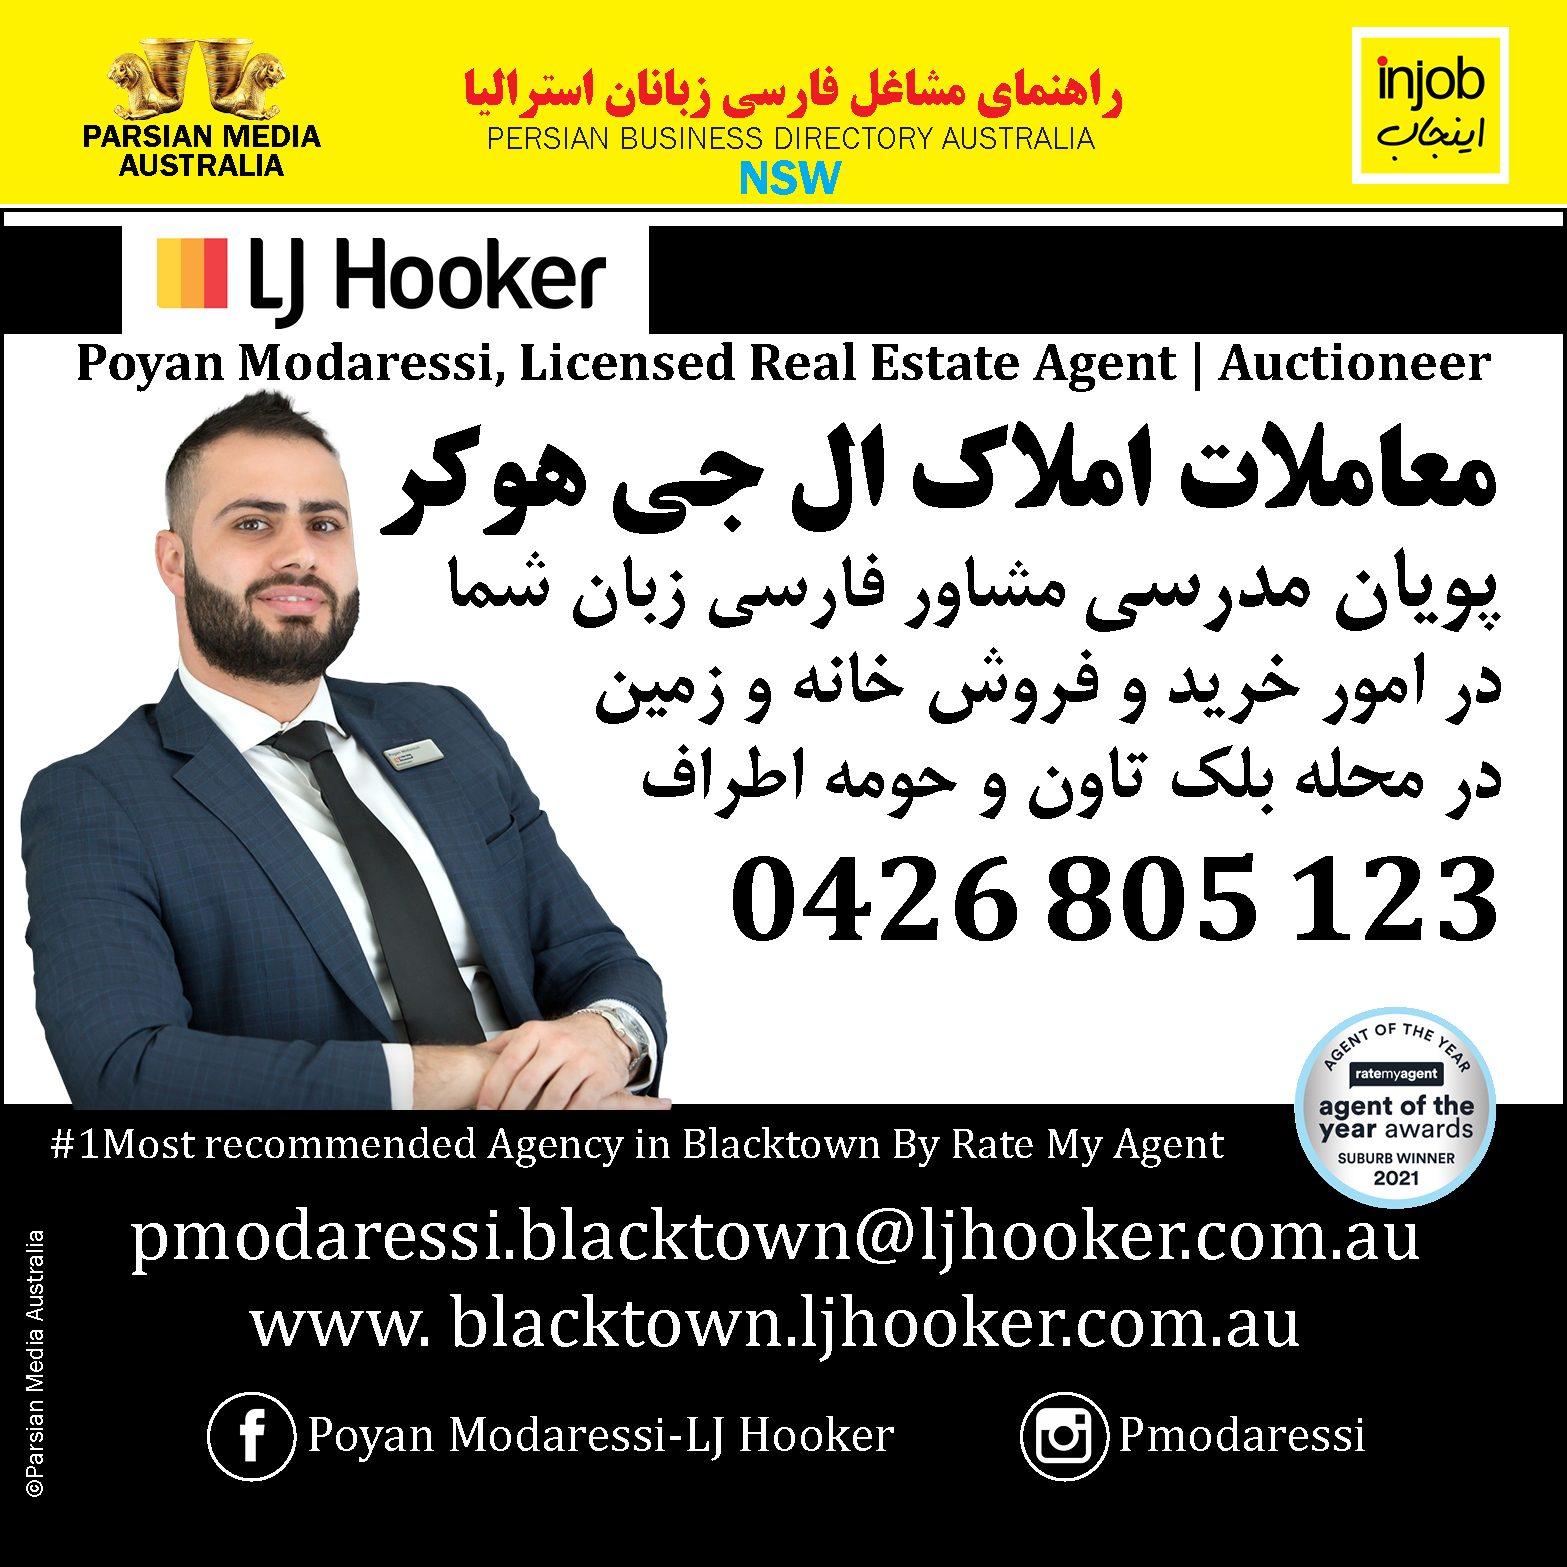 LJ Hooker Poyan Moddaresi2-Injob-online.jpg